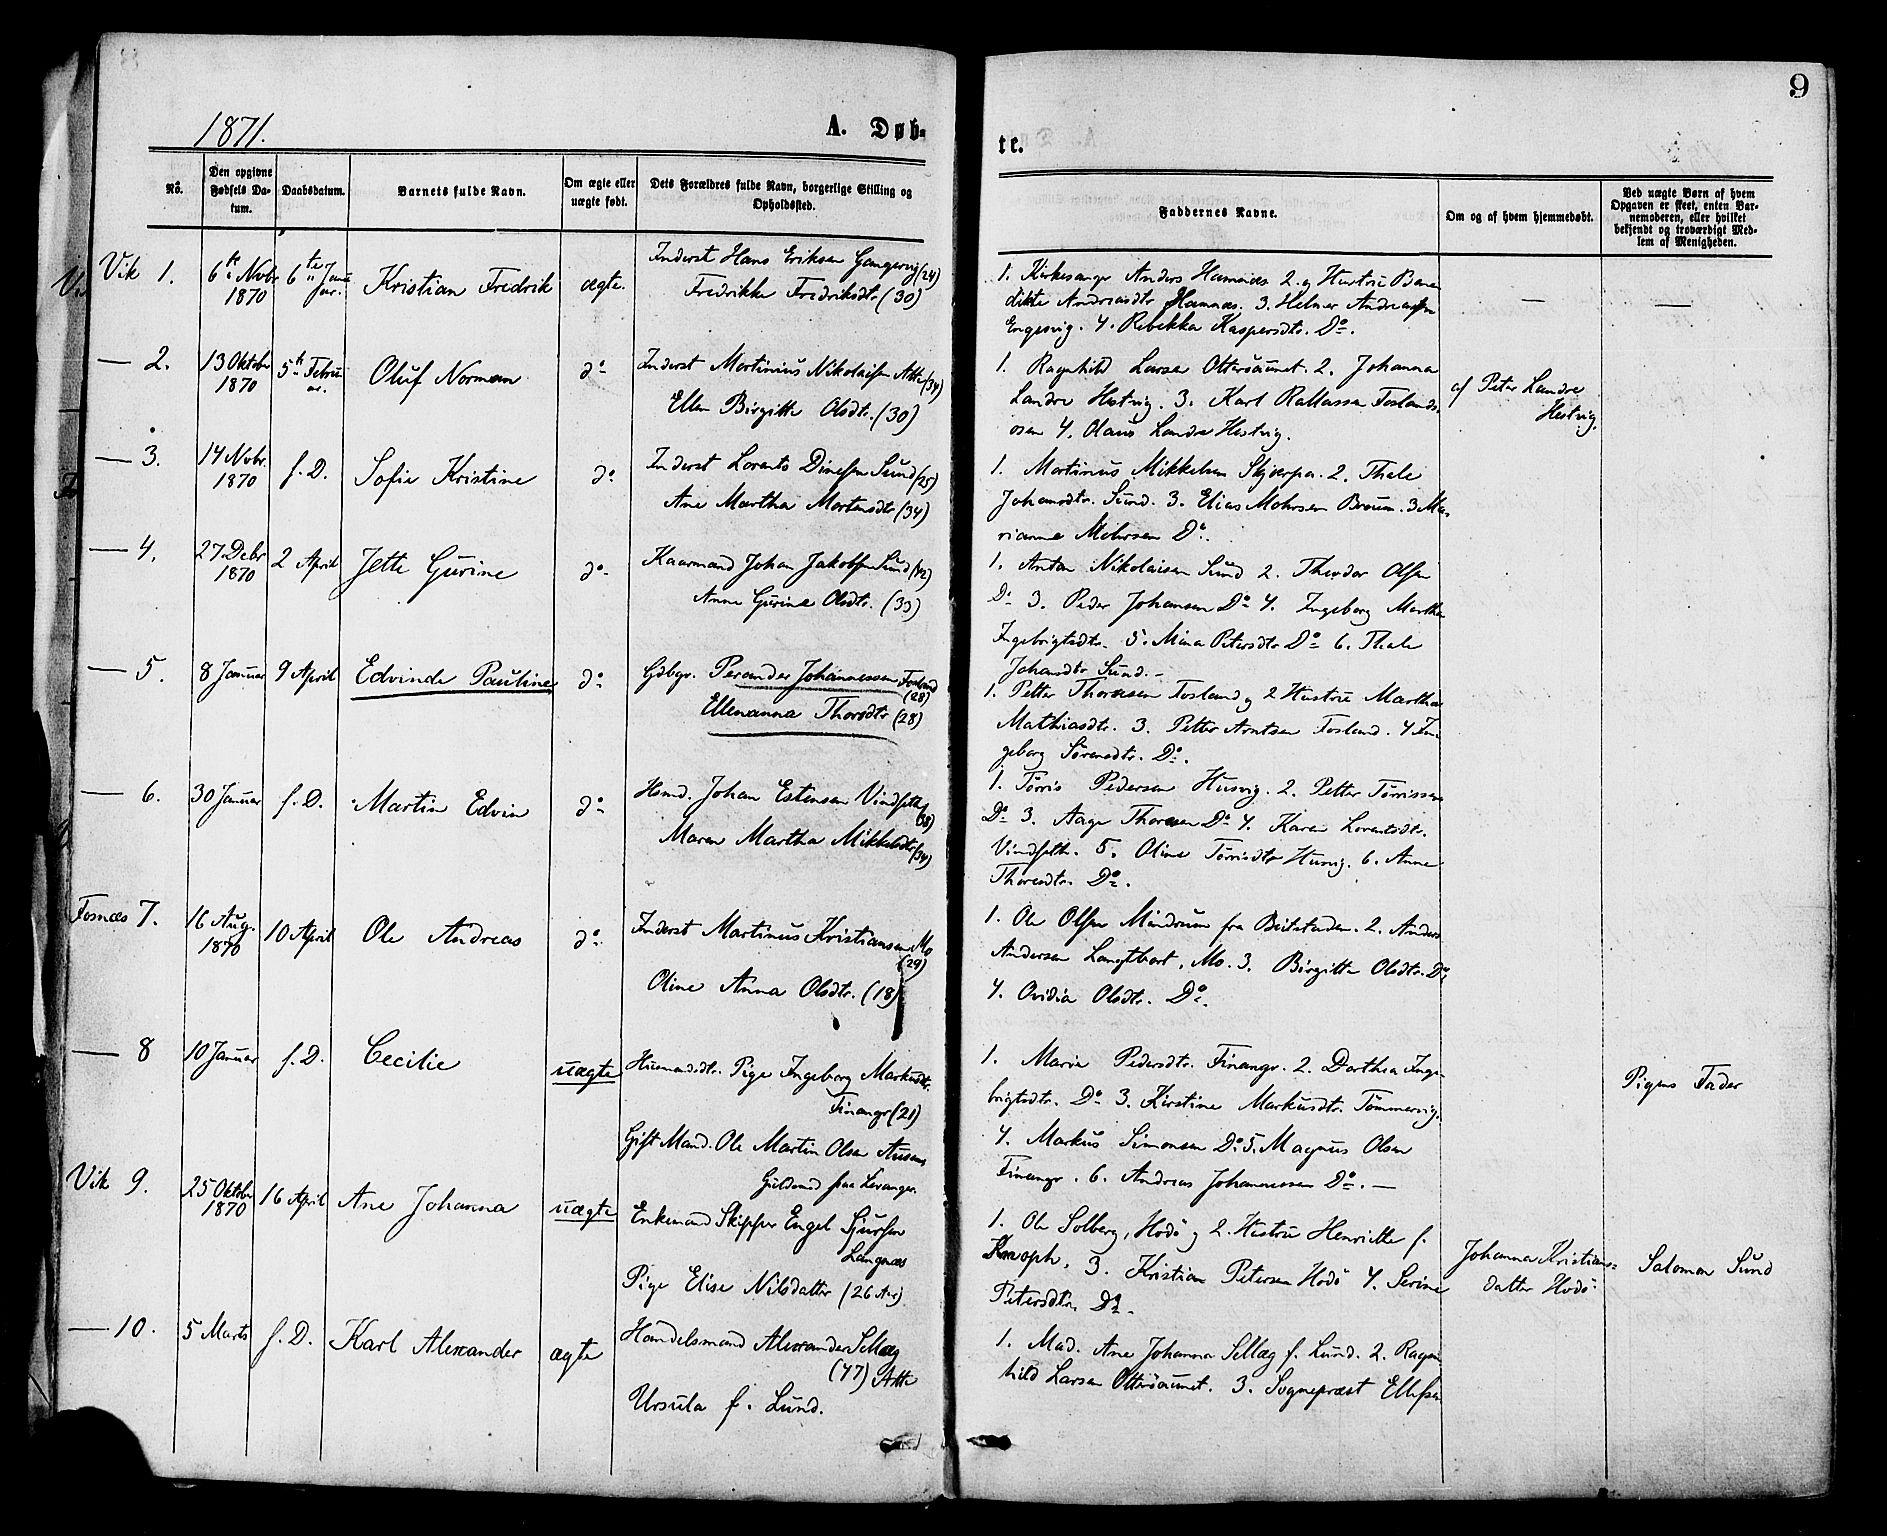 SAT, Ministerialprotokoller, klokkerbøker og fødselsregistre - Nord-Trøndelag, 773/L0616: Ministerialbok nr. 773A07, 1870-1887, s. 9